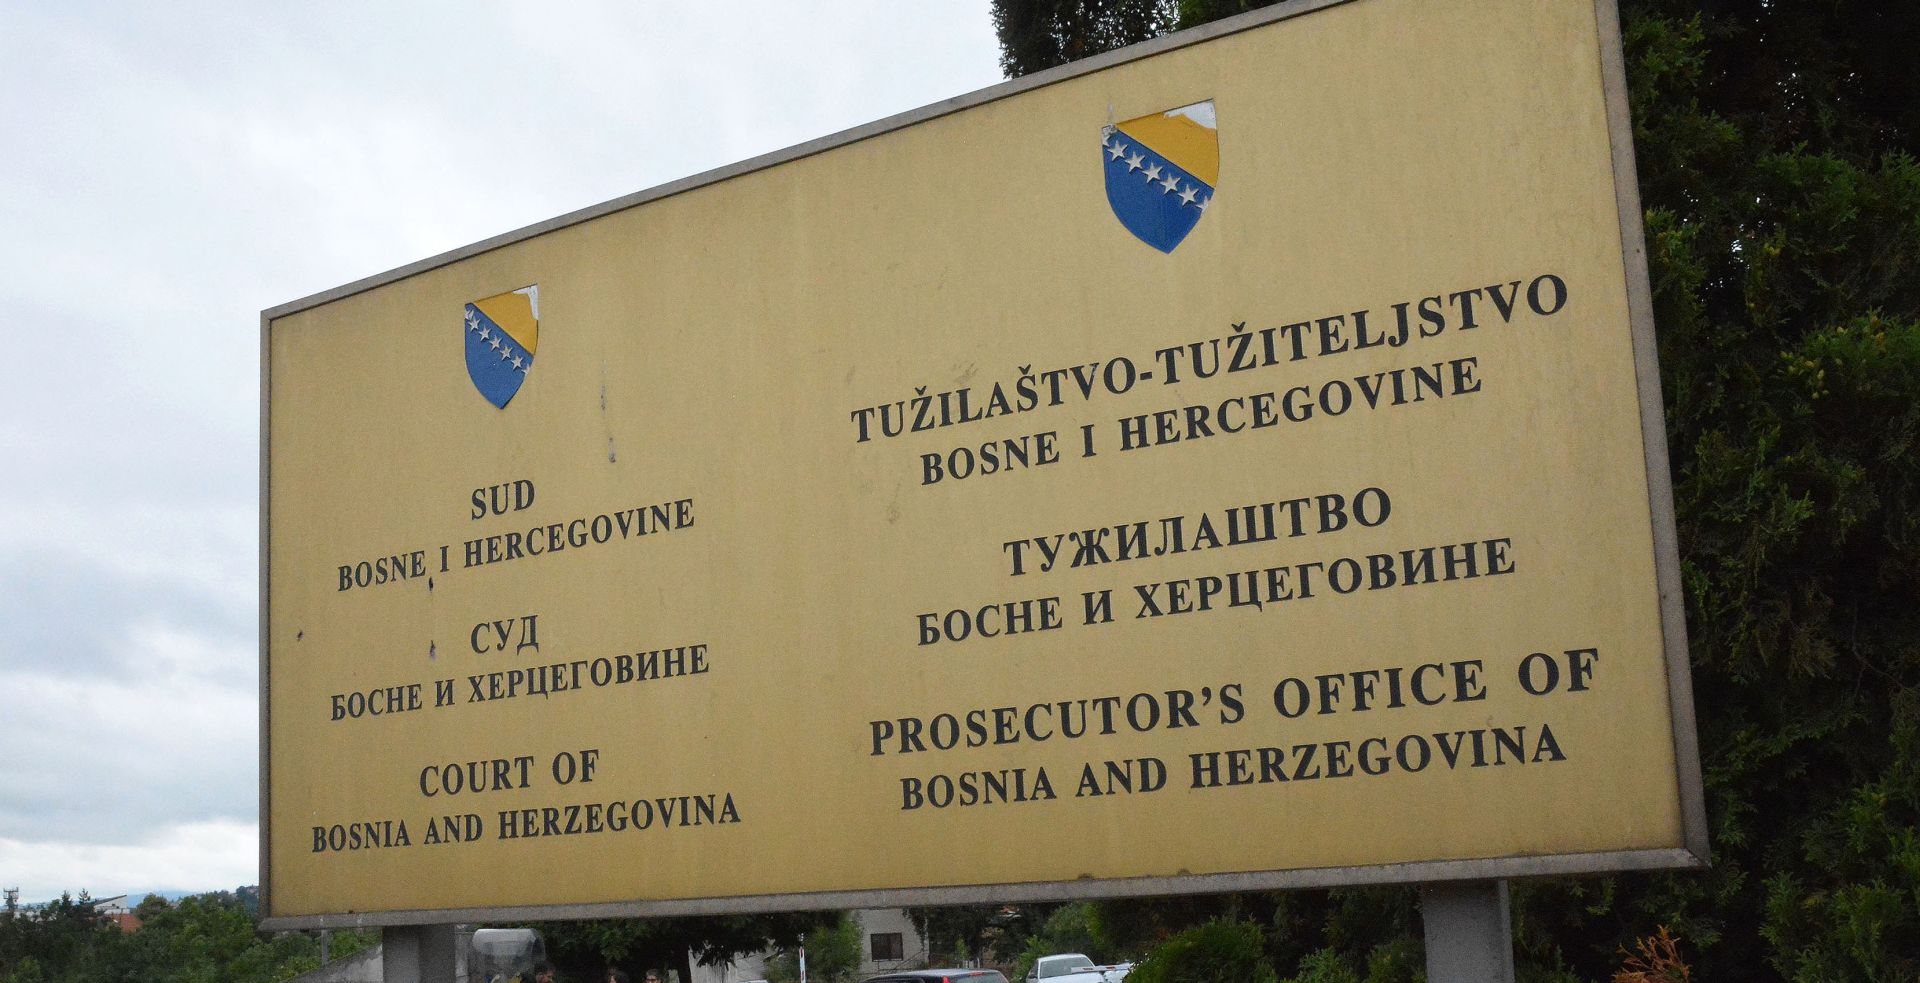 Ustavni sud BiH nenadležan za odluku Izbornog povjerenstva